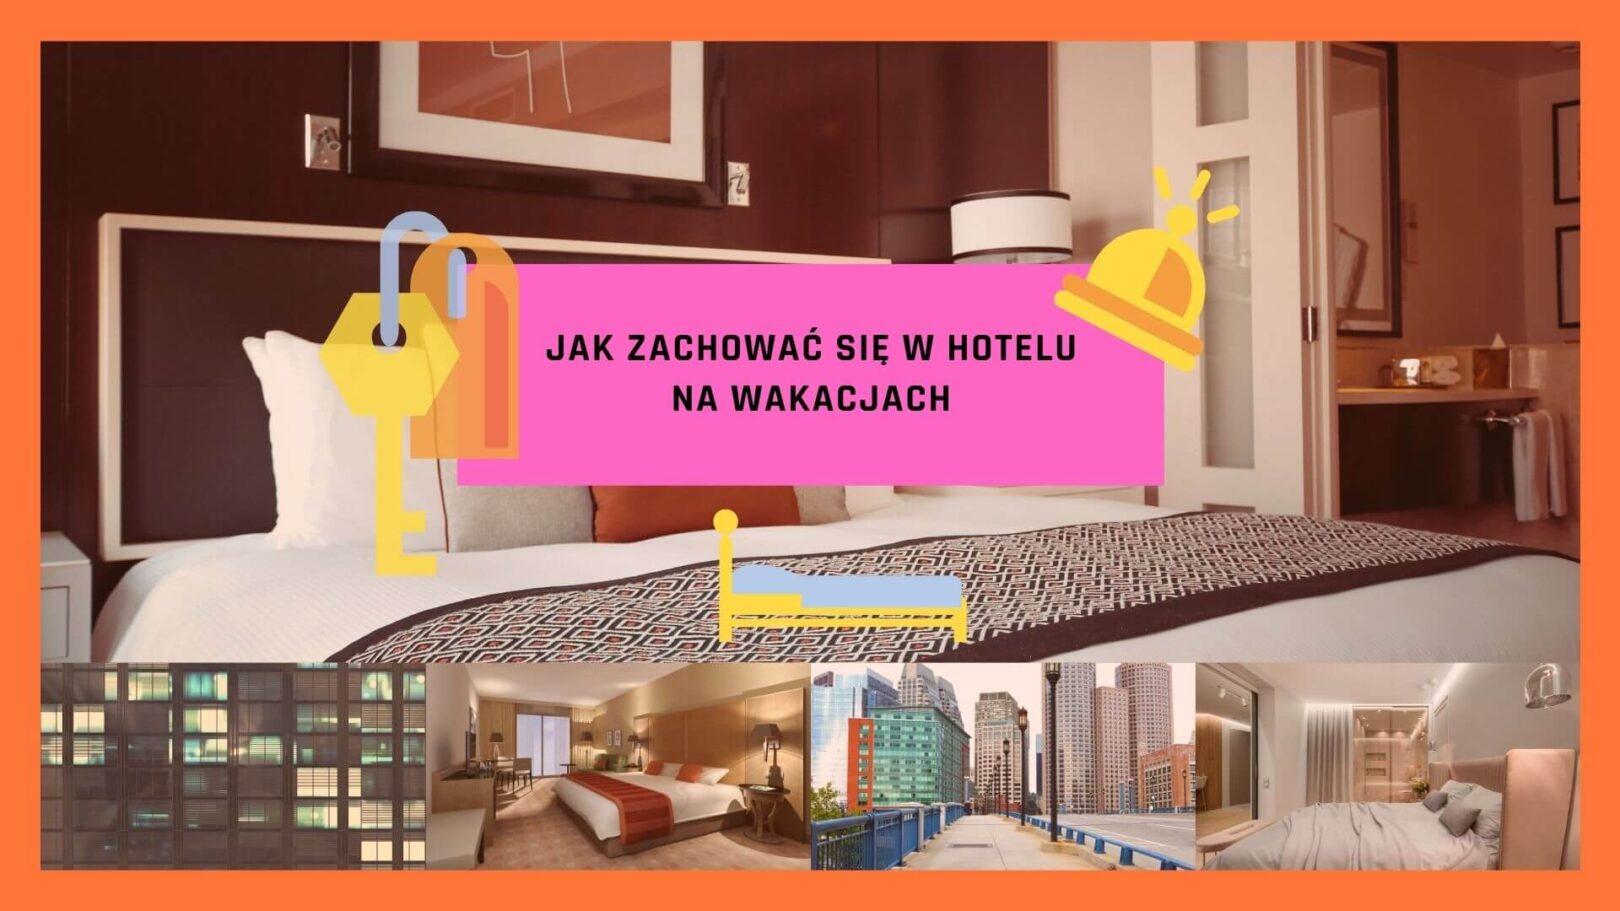 Jak zachować się w hotelu na wakacjach tło